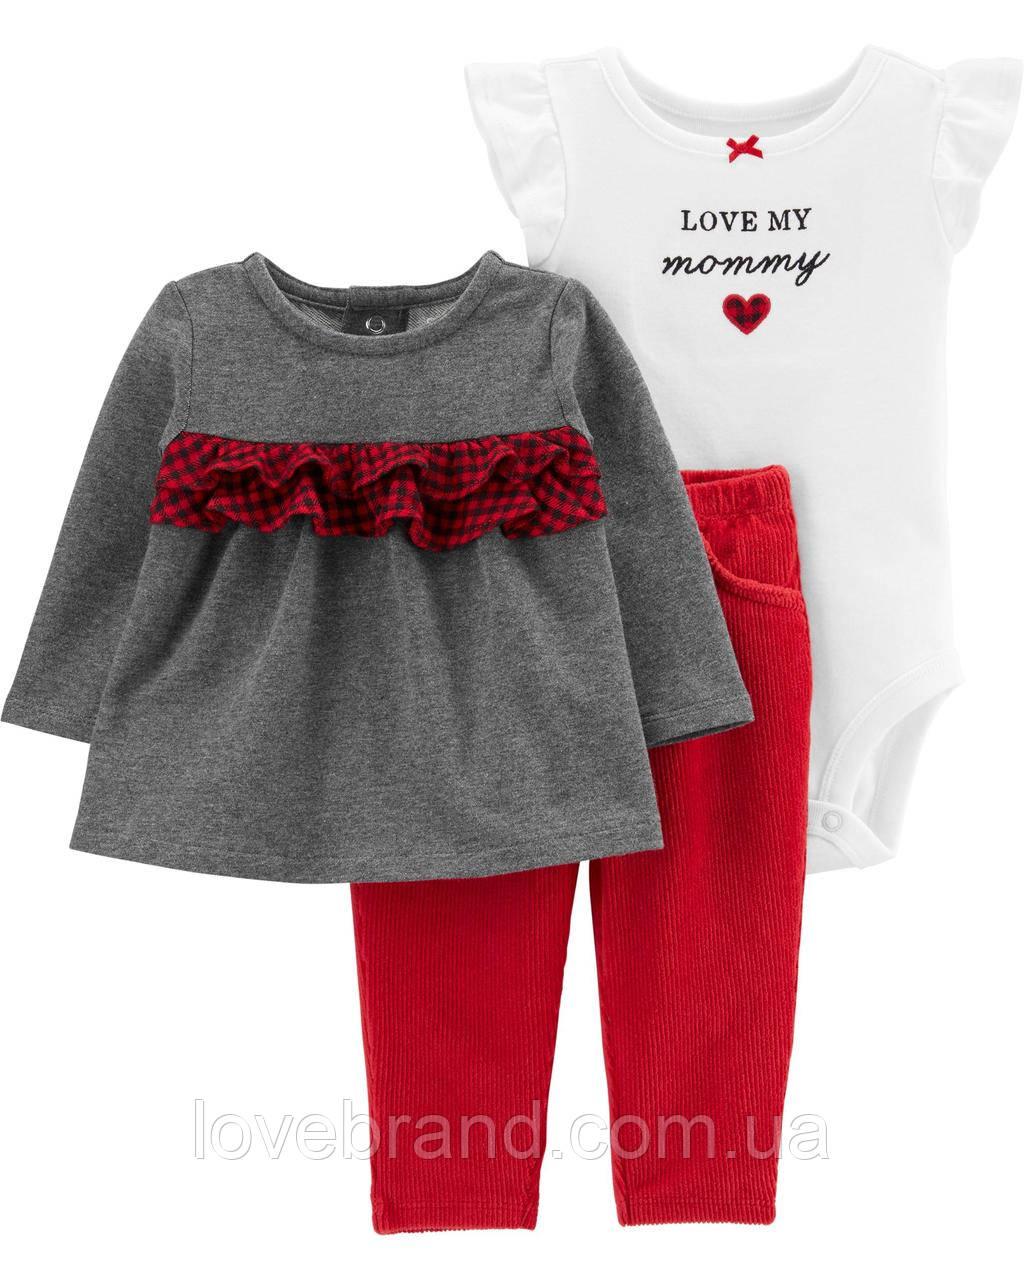 """Набор для девочки Carter's,бодик, кофточка и лосинки """"Love my mommy""""  картерс красный"""